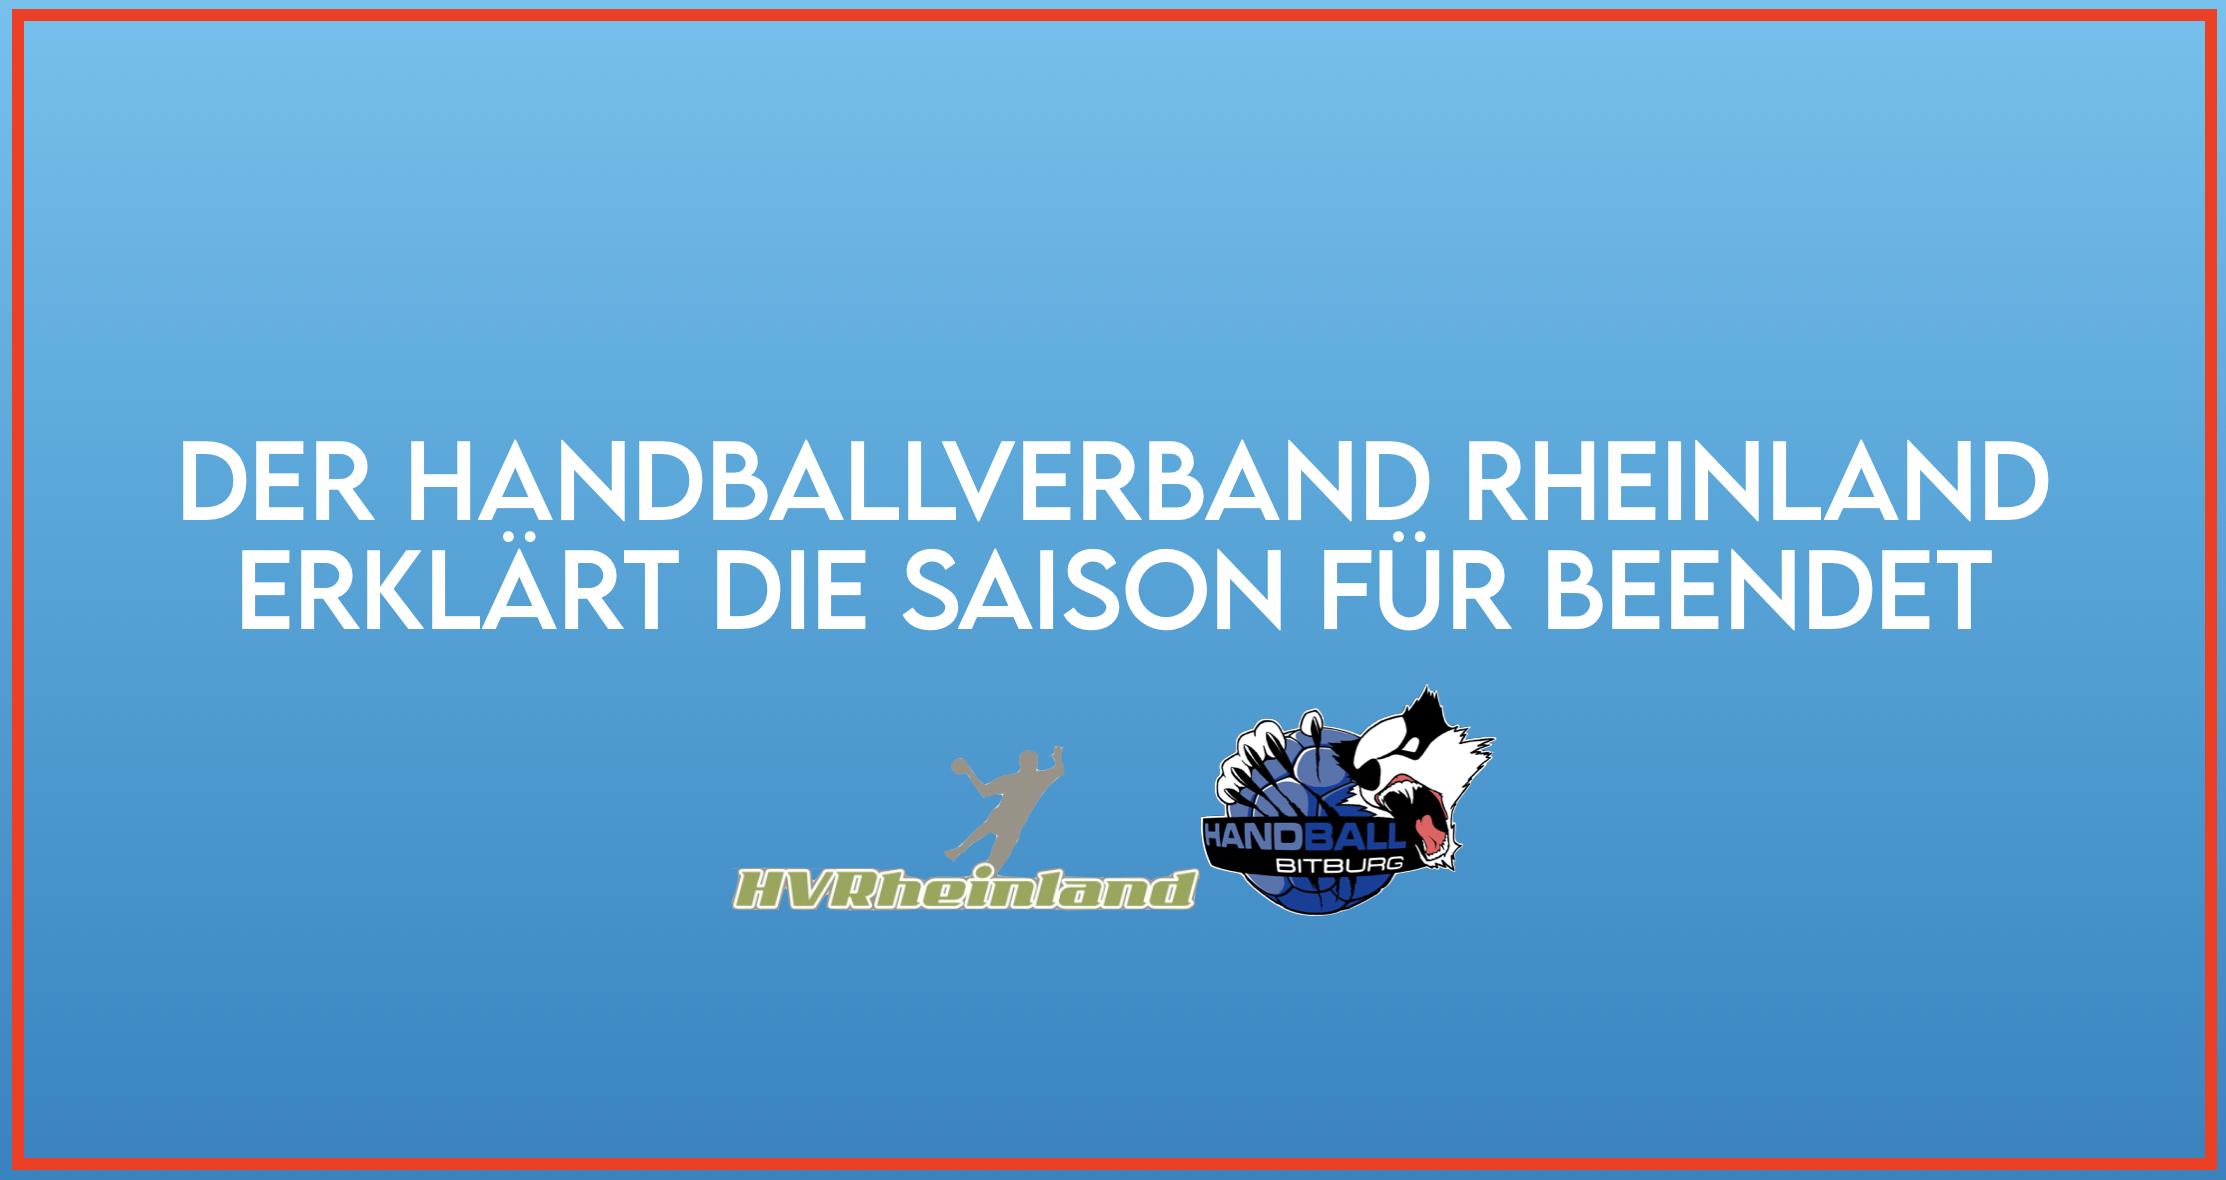 Der Handballverband Rheinland erklärt die Saison für beendet